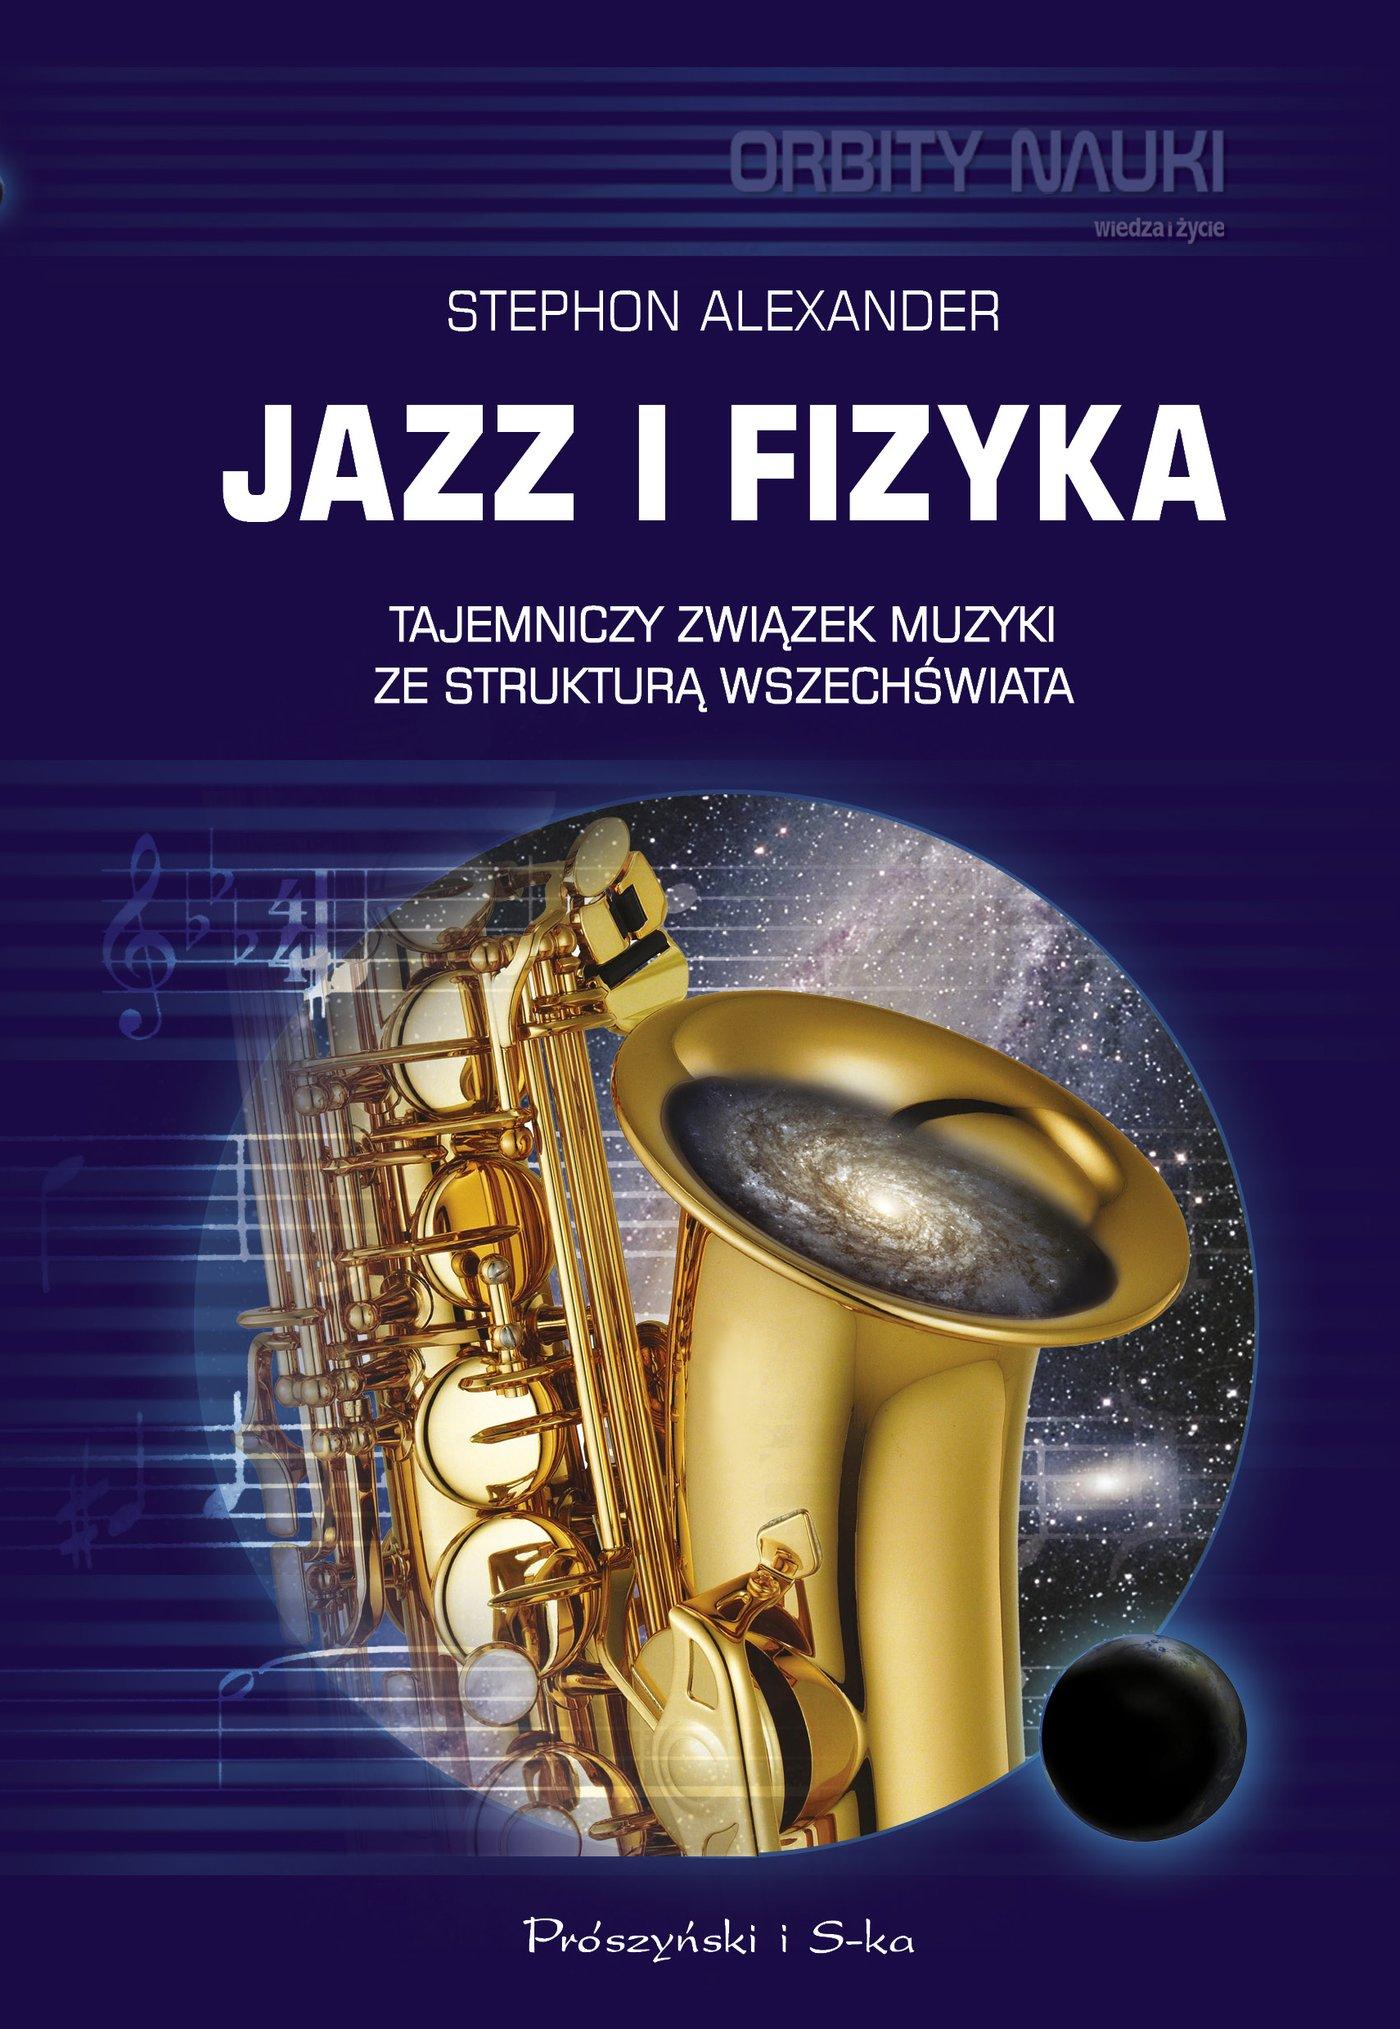 Jazz i fizyka - Ebook (Książka na Kindle) do pobrania w formacie MOBI